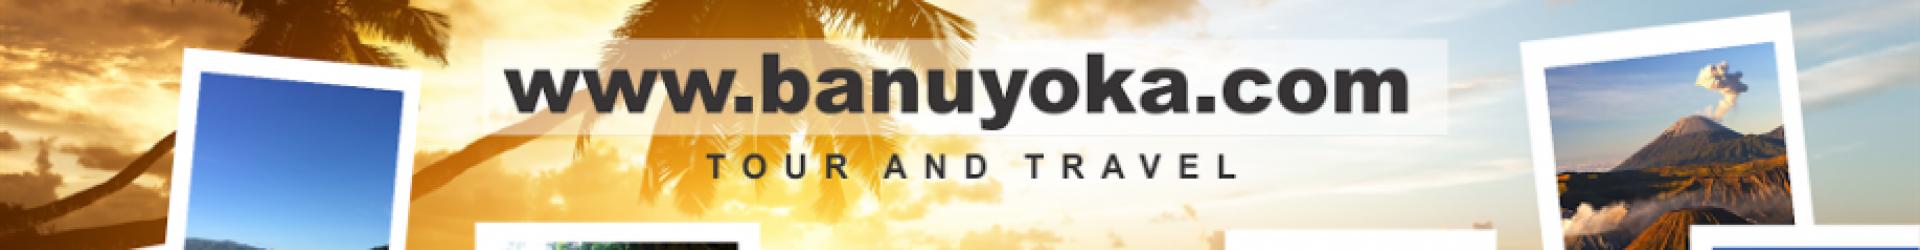 BANUYOKA